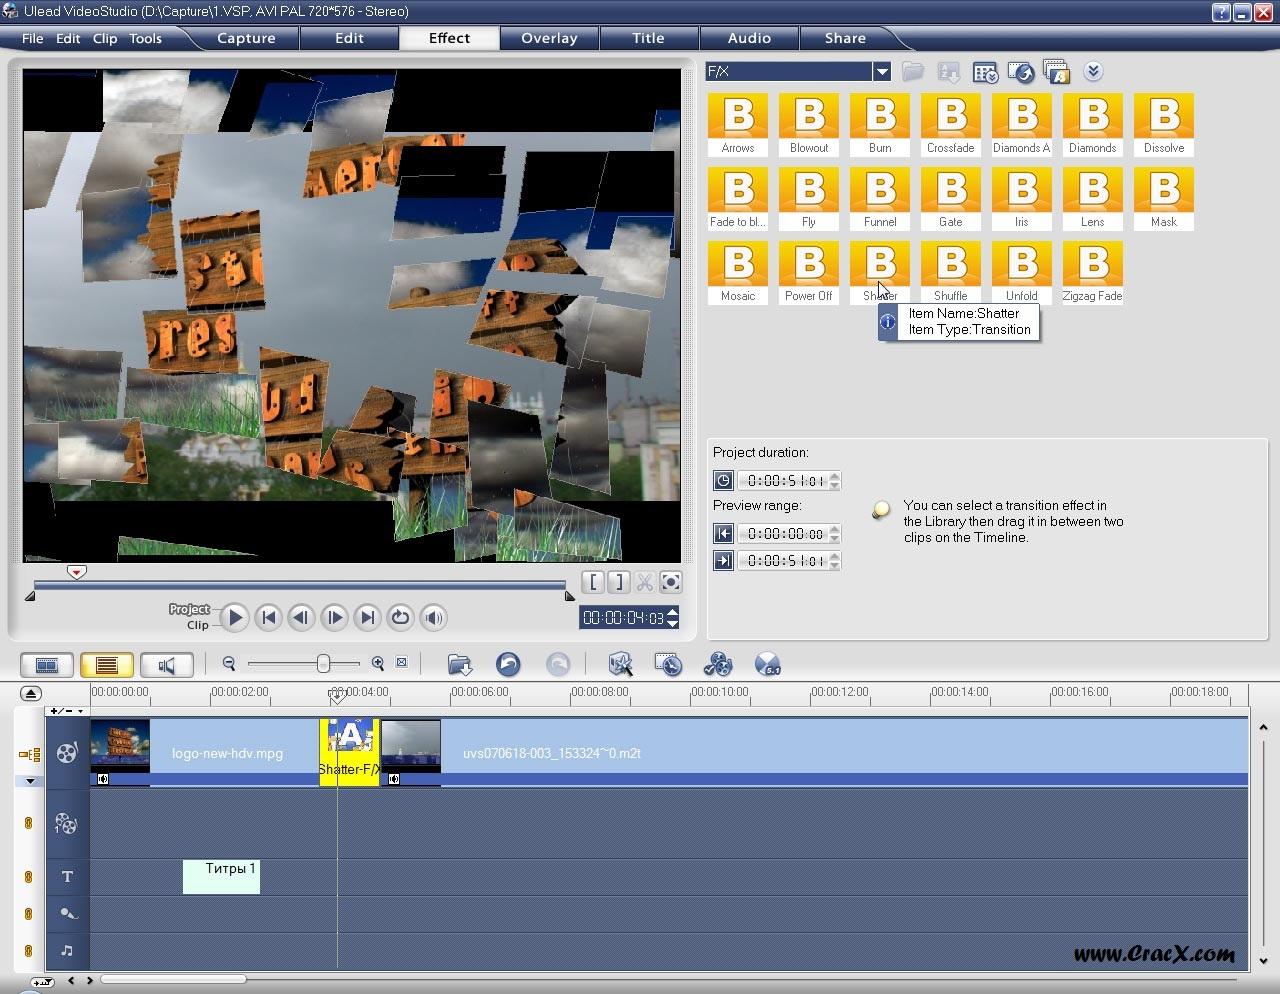 Ulead video studio 11 patch crack